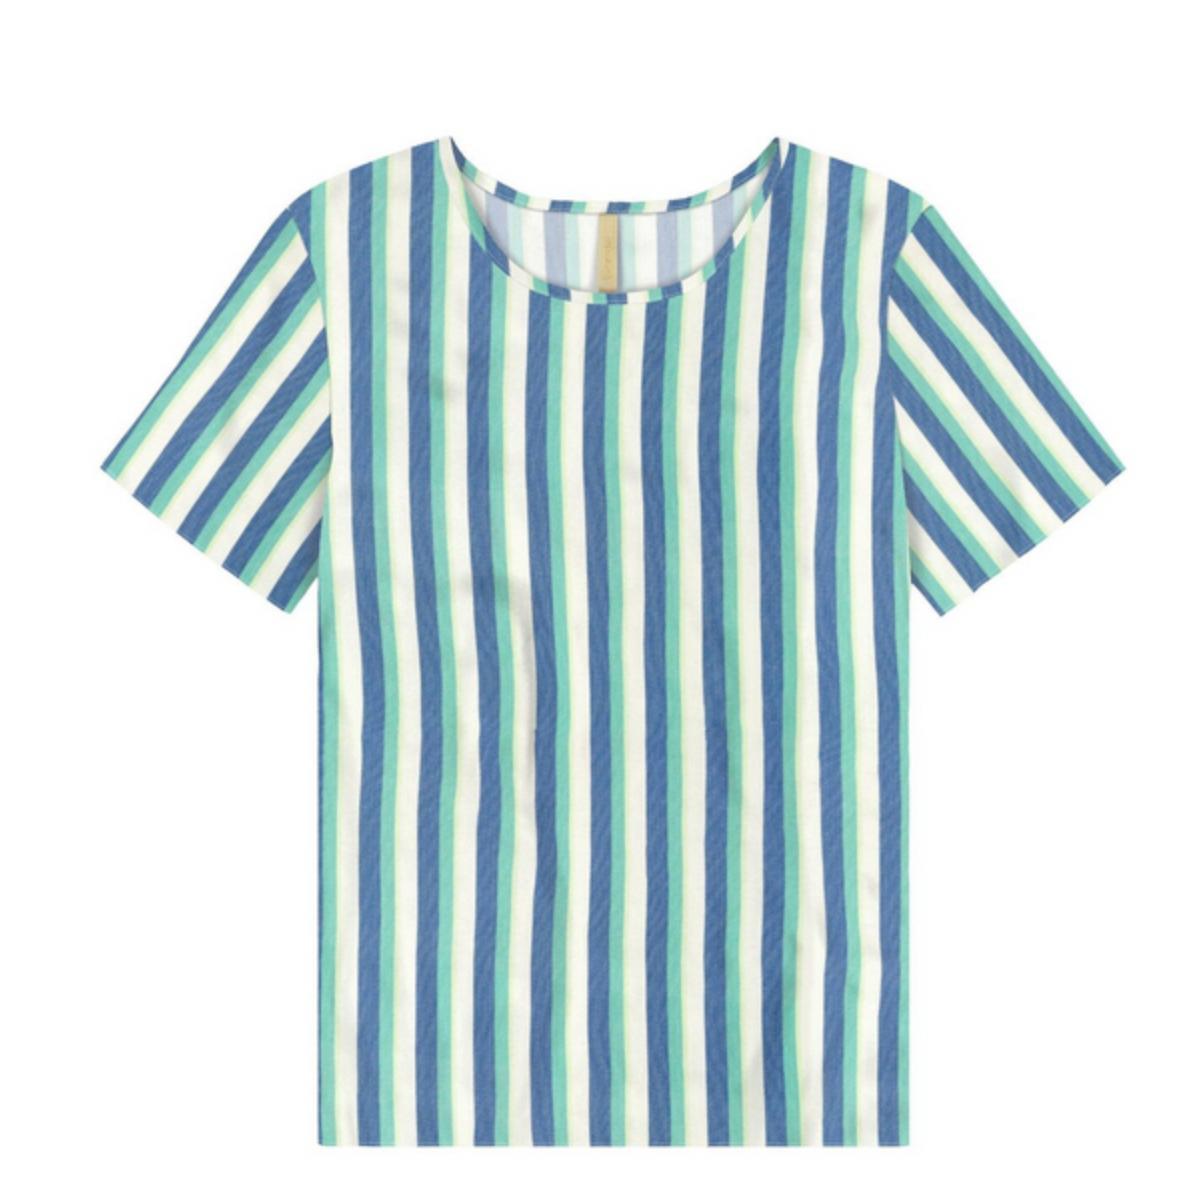 Blusa Feminina Lunender 46517 Azul